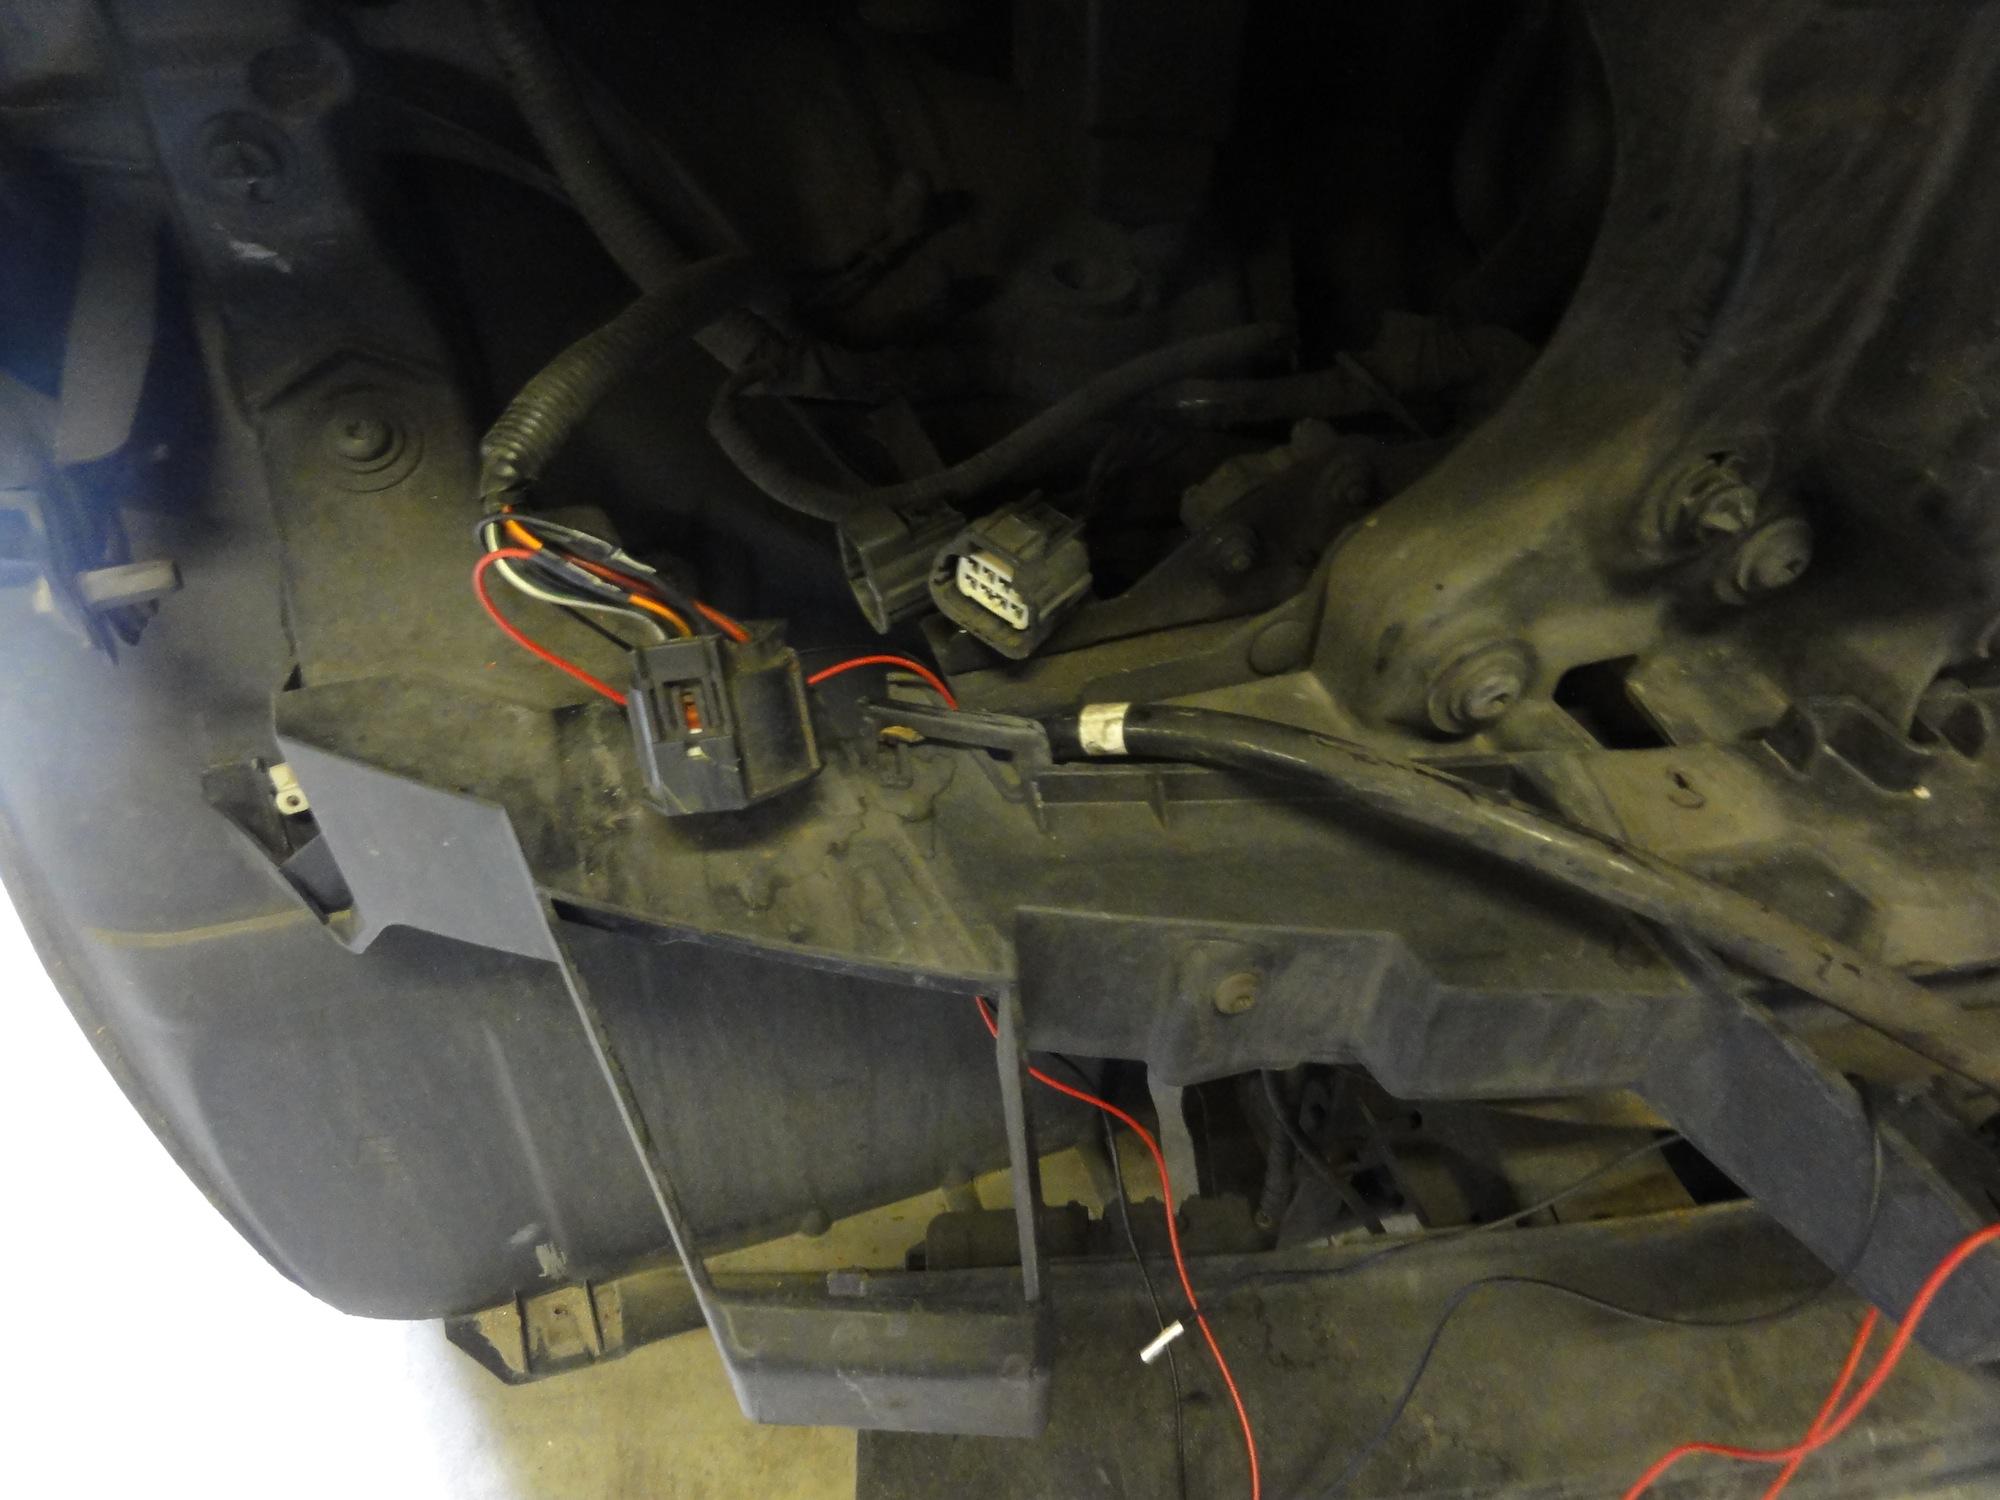 Range-Rover-Kit-Install-5